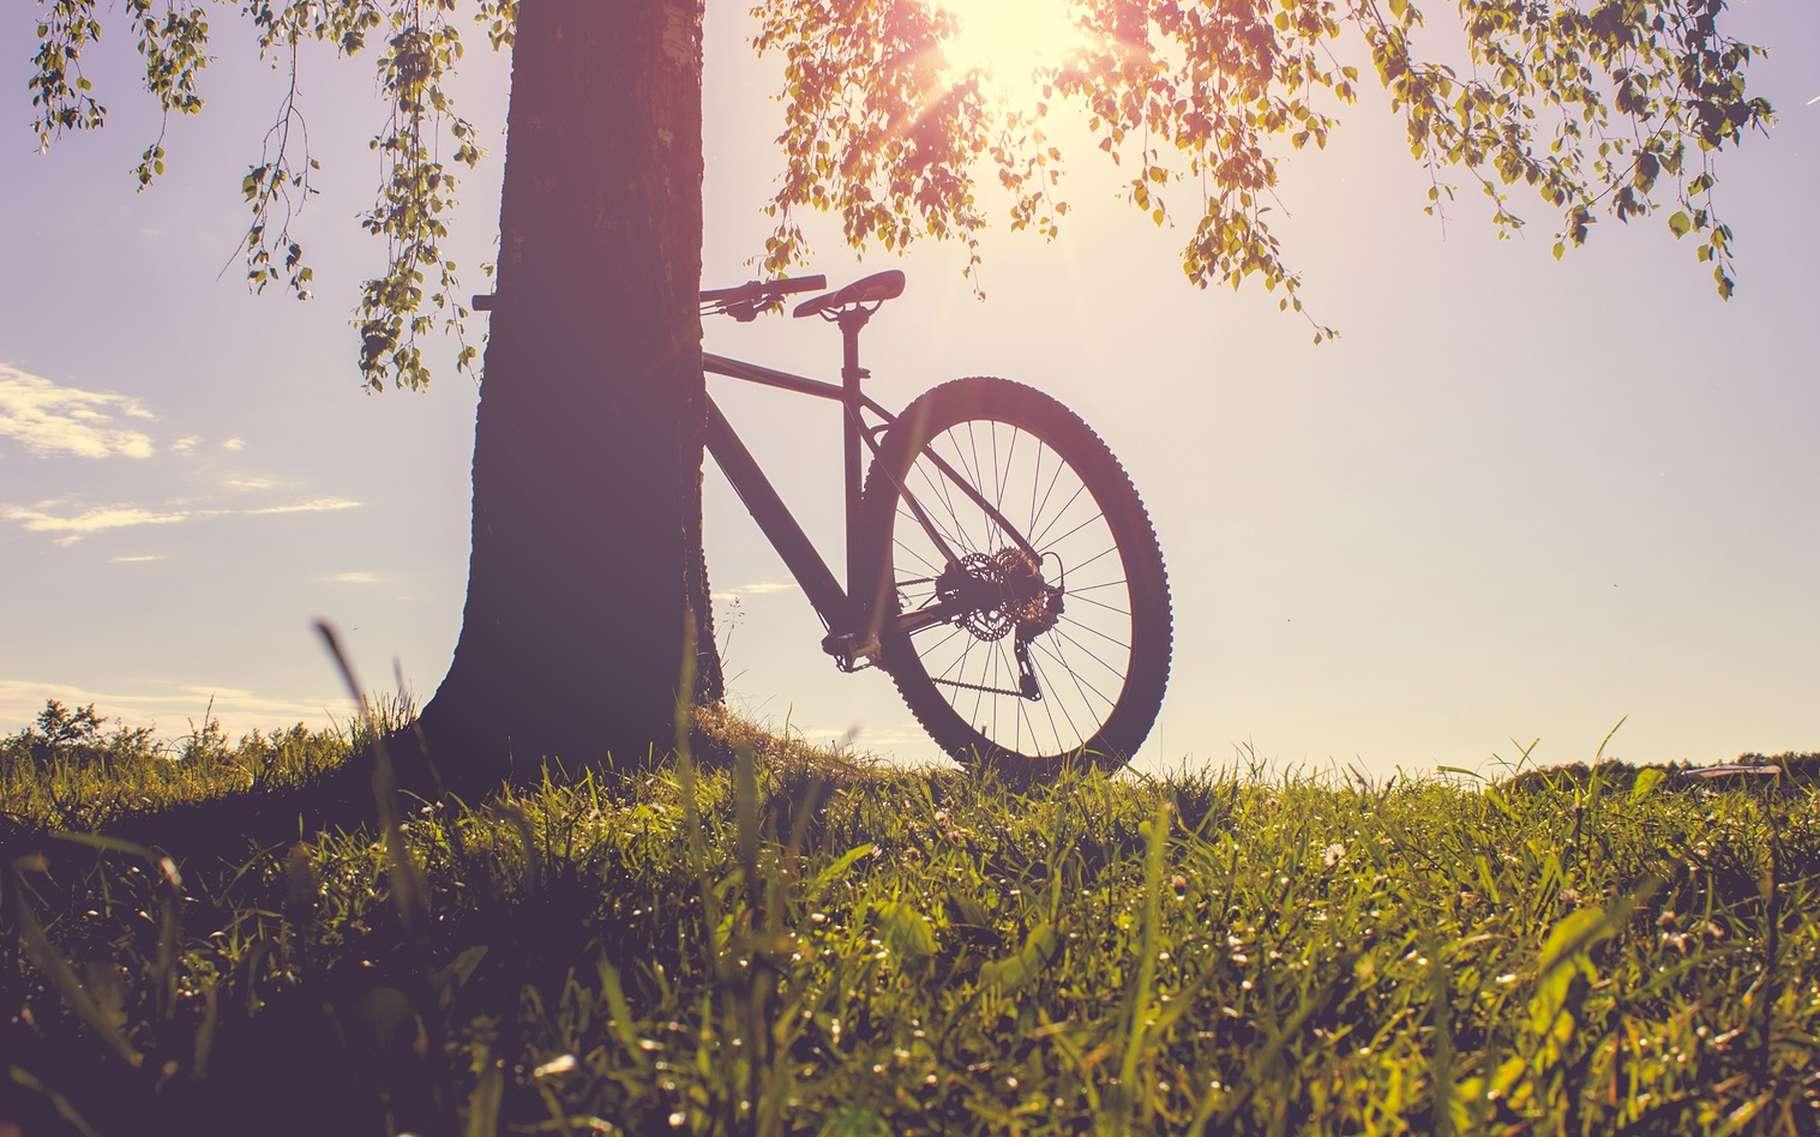 La semaine de quatre jours, c'est bon pour le moral et l'environnement ! © stockfotoart, Shutterstock